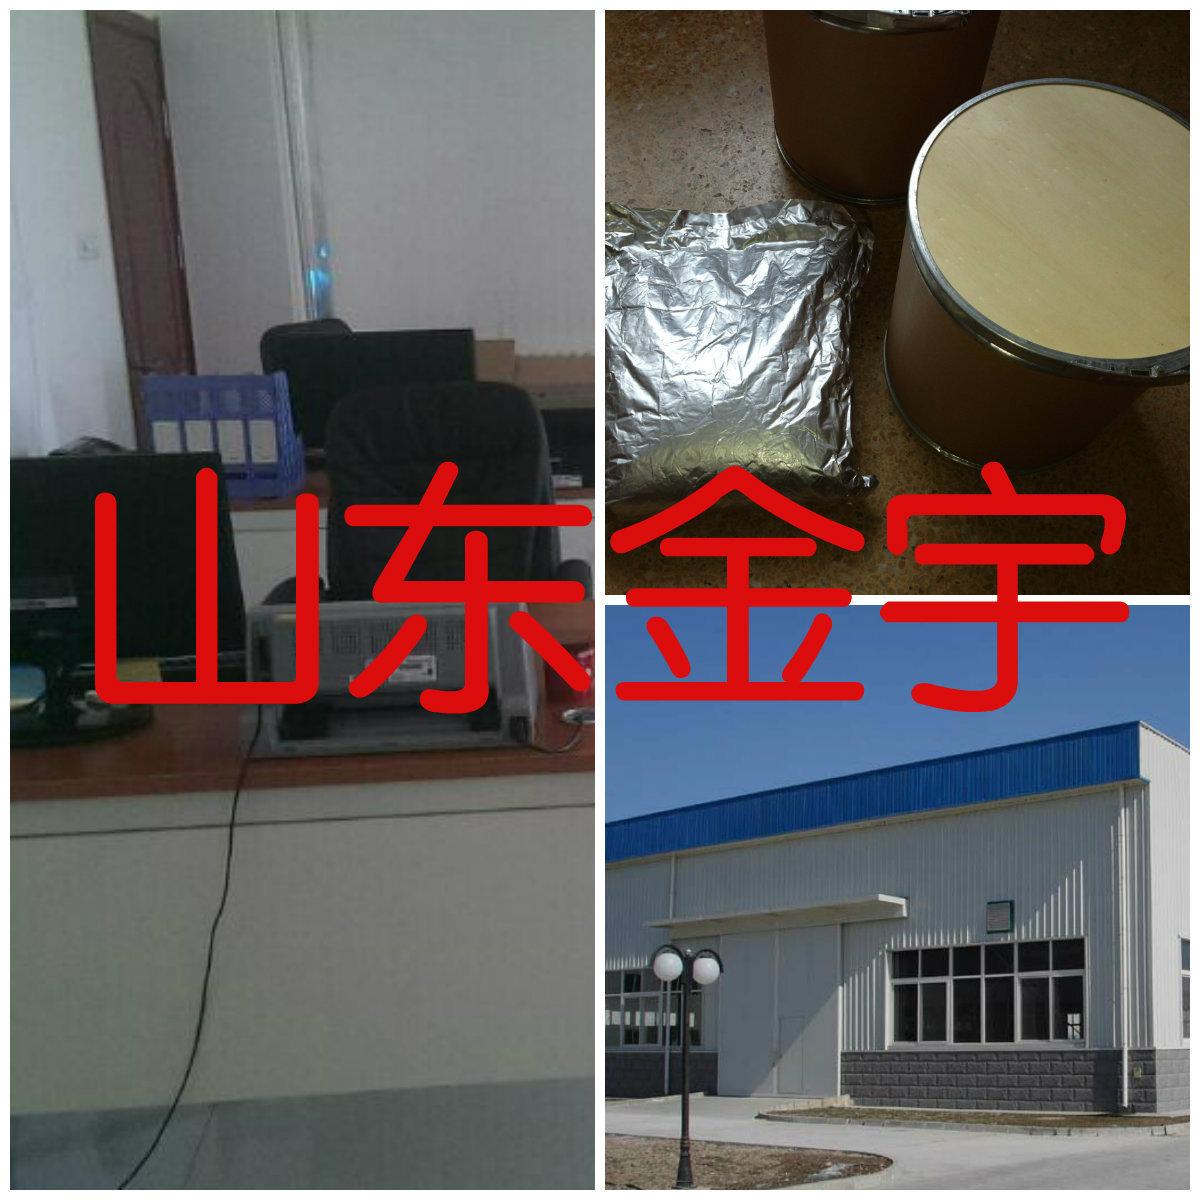 苯甲酸 通用有机试剂苯甲酸 金宇化工专业生产苯甲酸 厂家